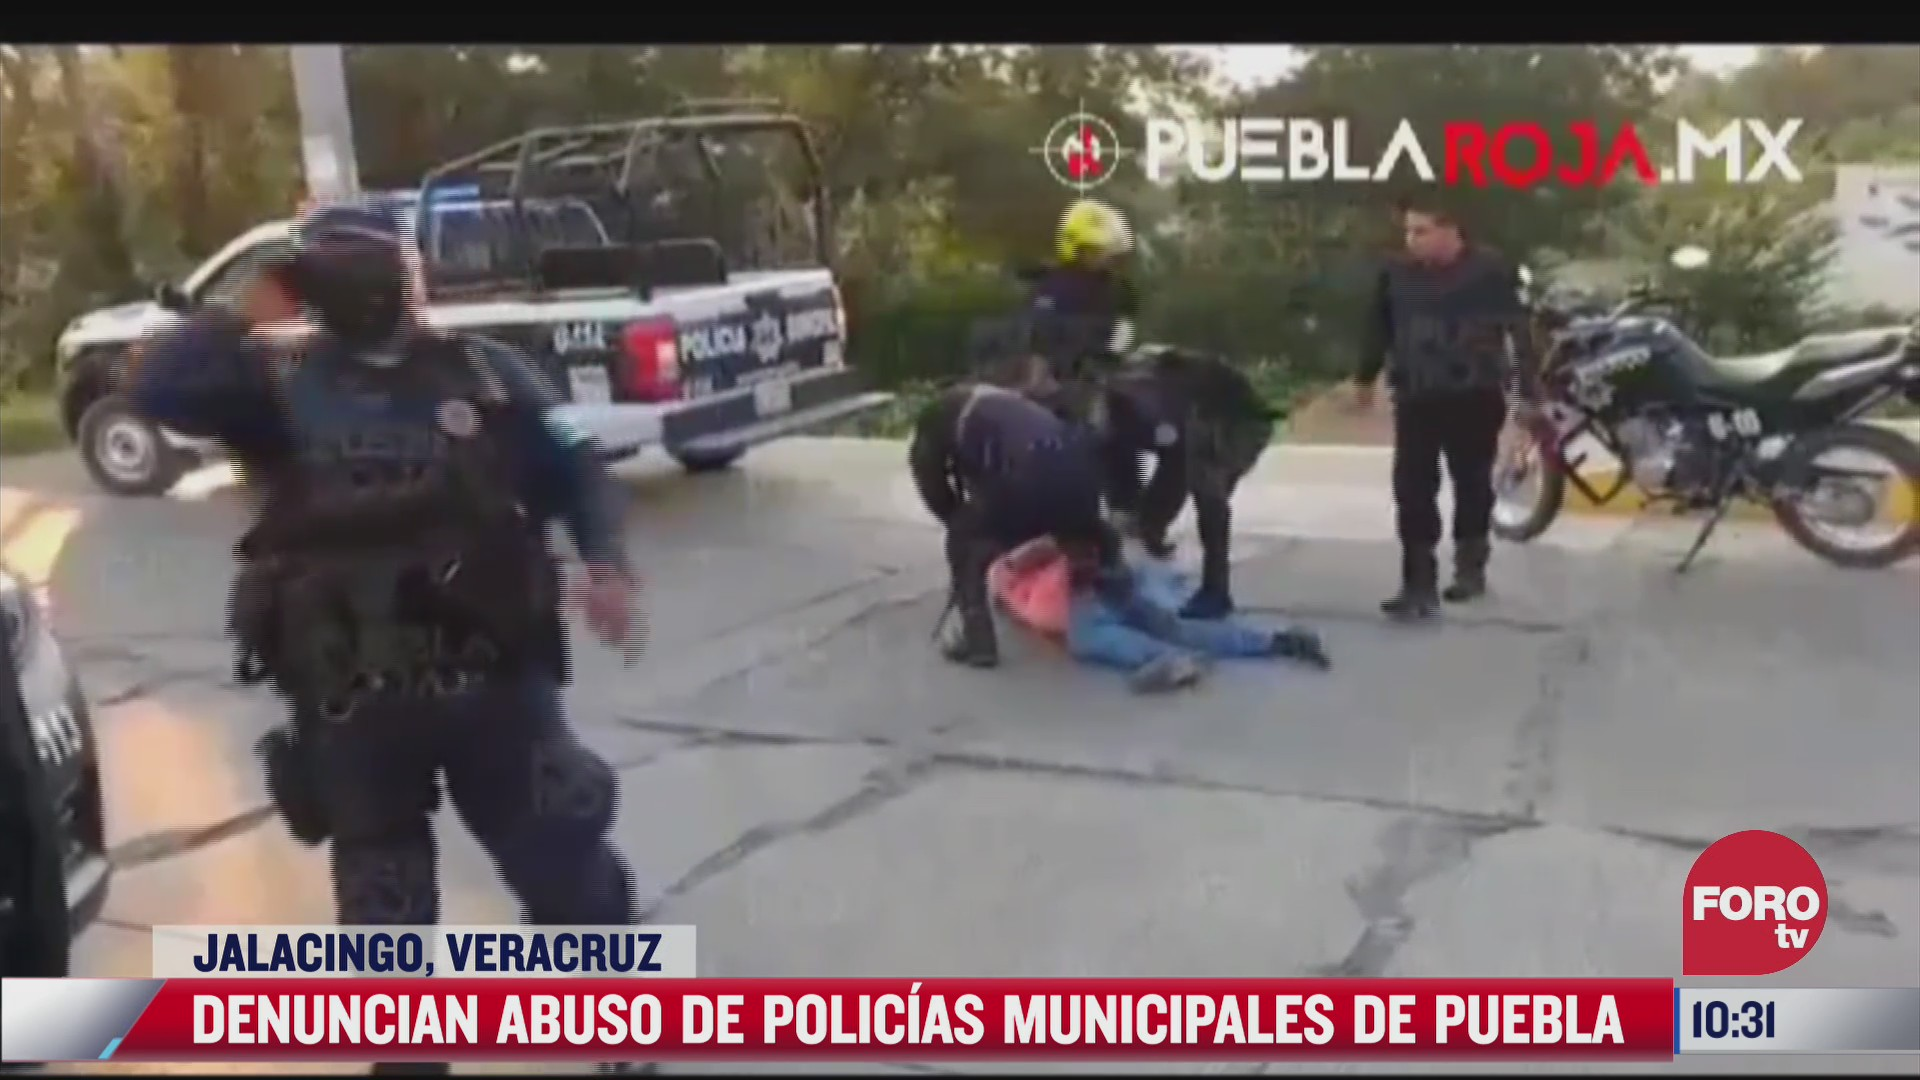 denuncian presunto abuso policial en puebla